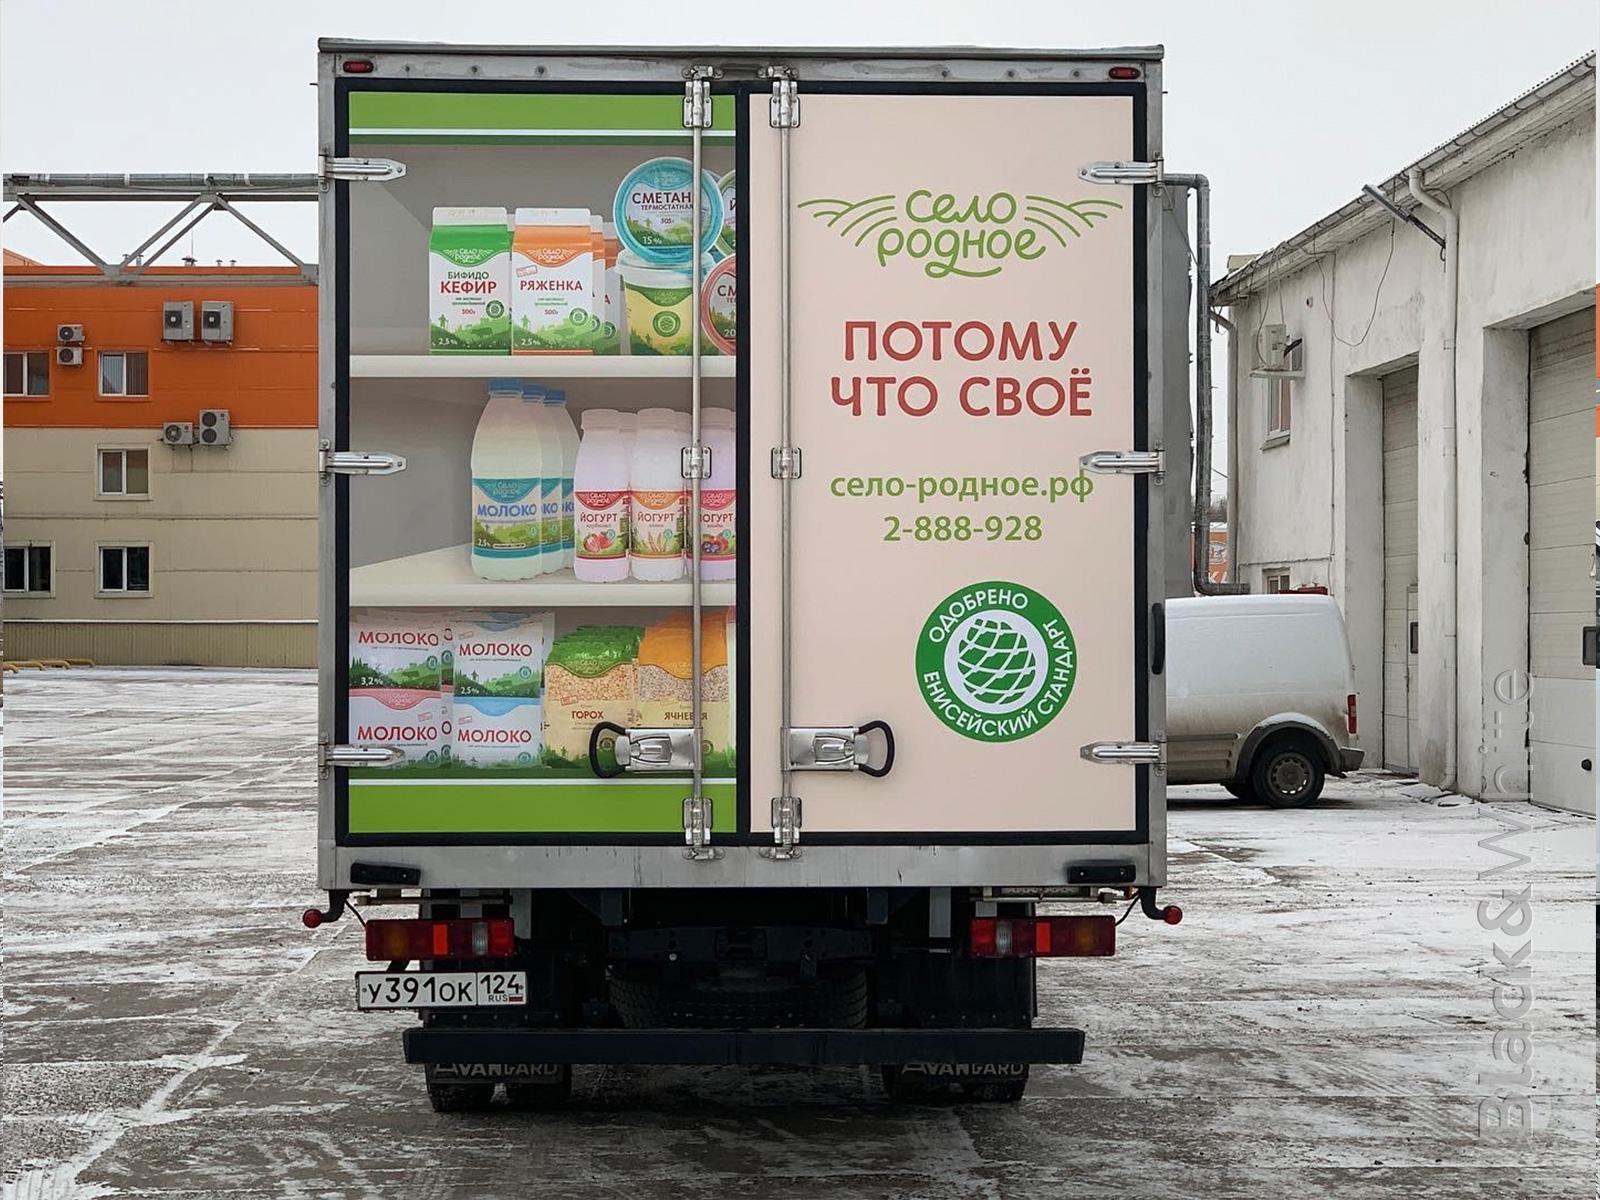 Оклейка-бутки,фургона-и-дверей-грузовика.jpg